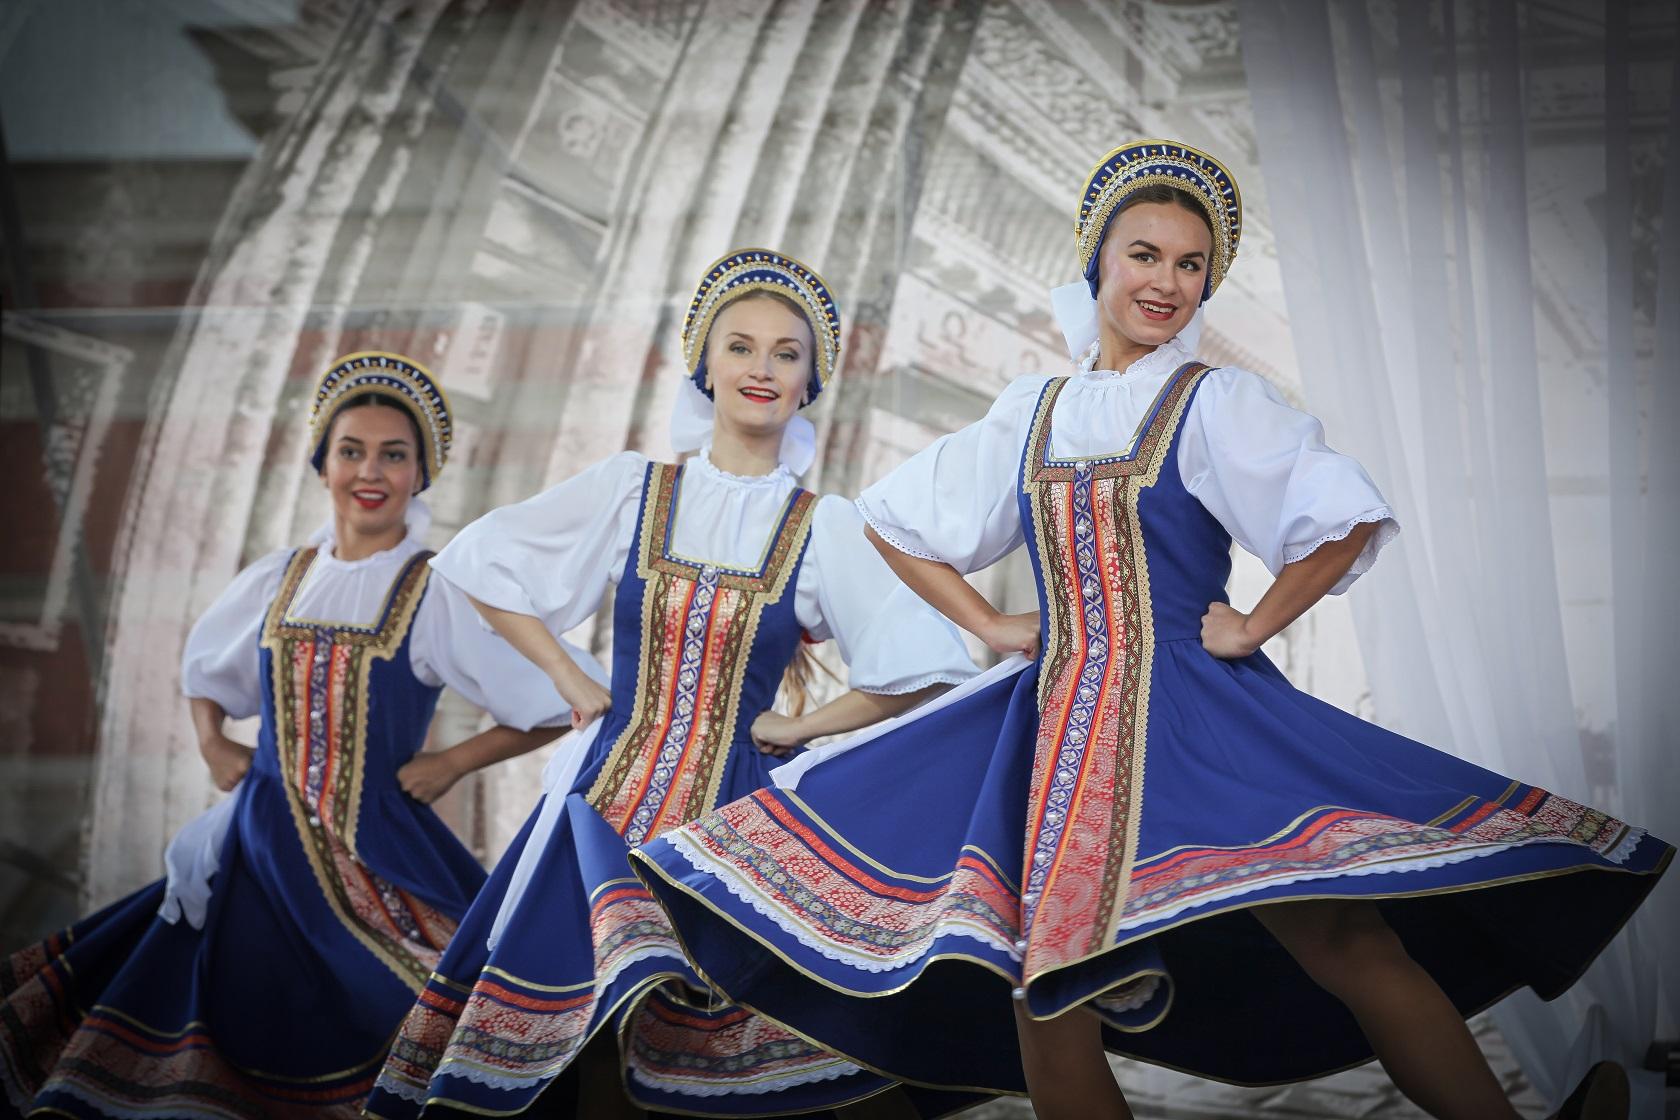 картинки российского народа показывает